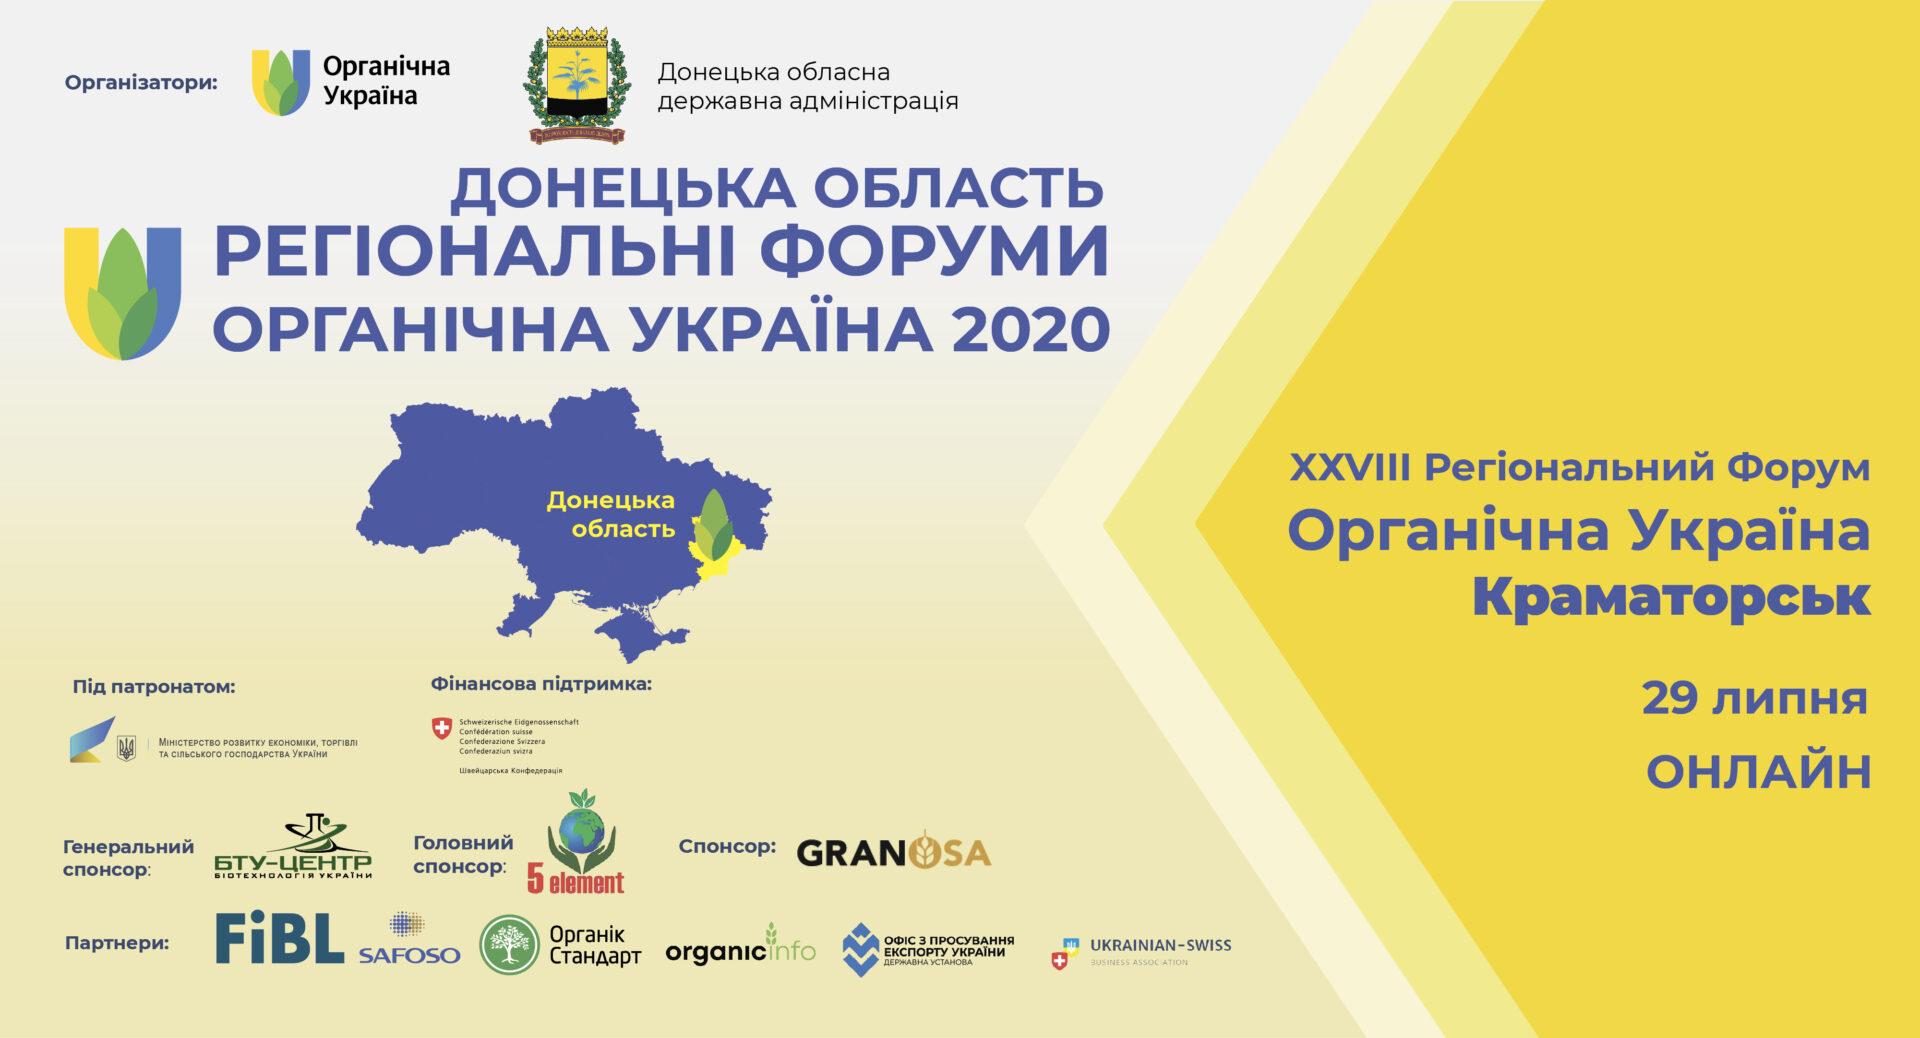 29 липня XXVIII Регіональний Форум Органічна Україна